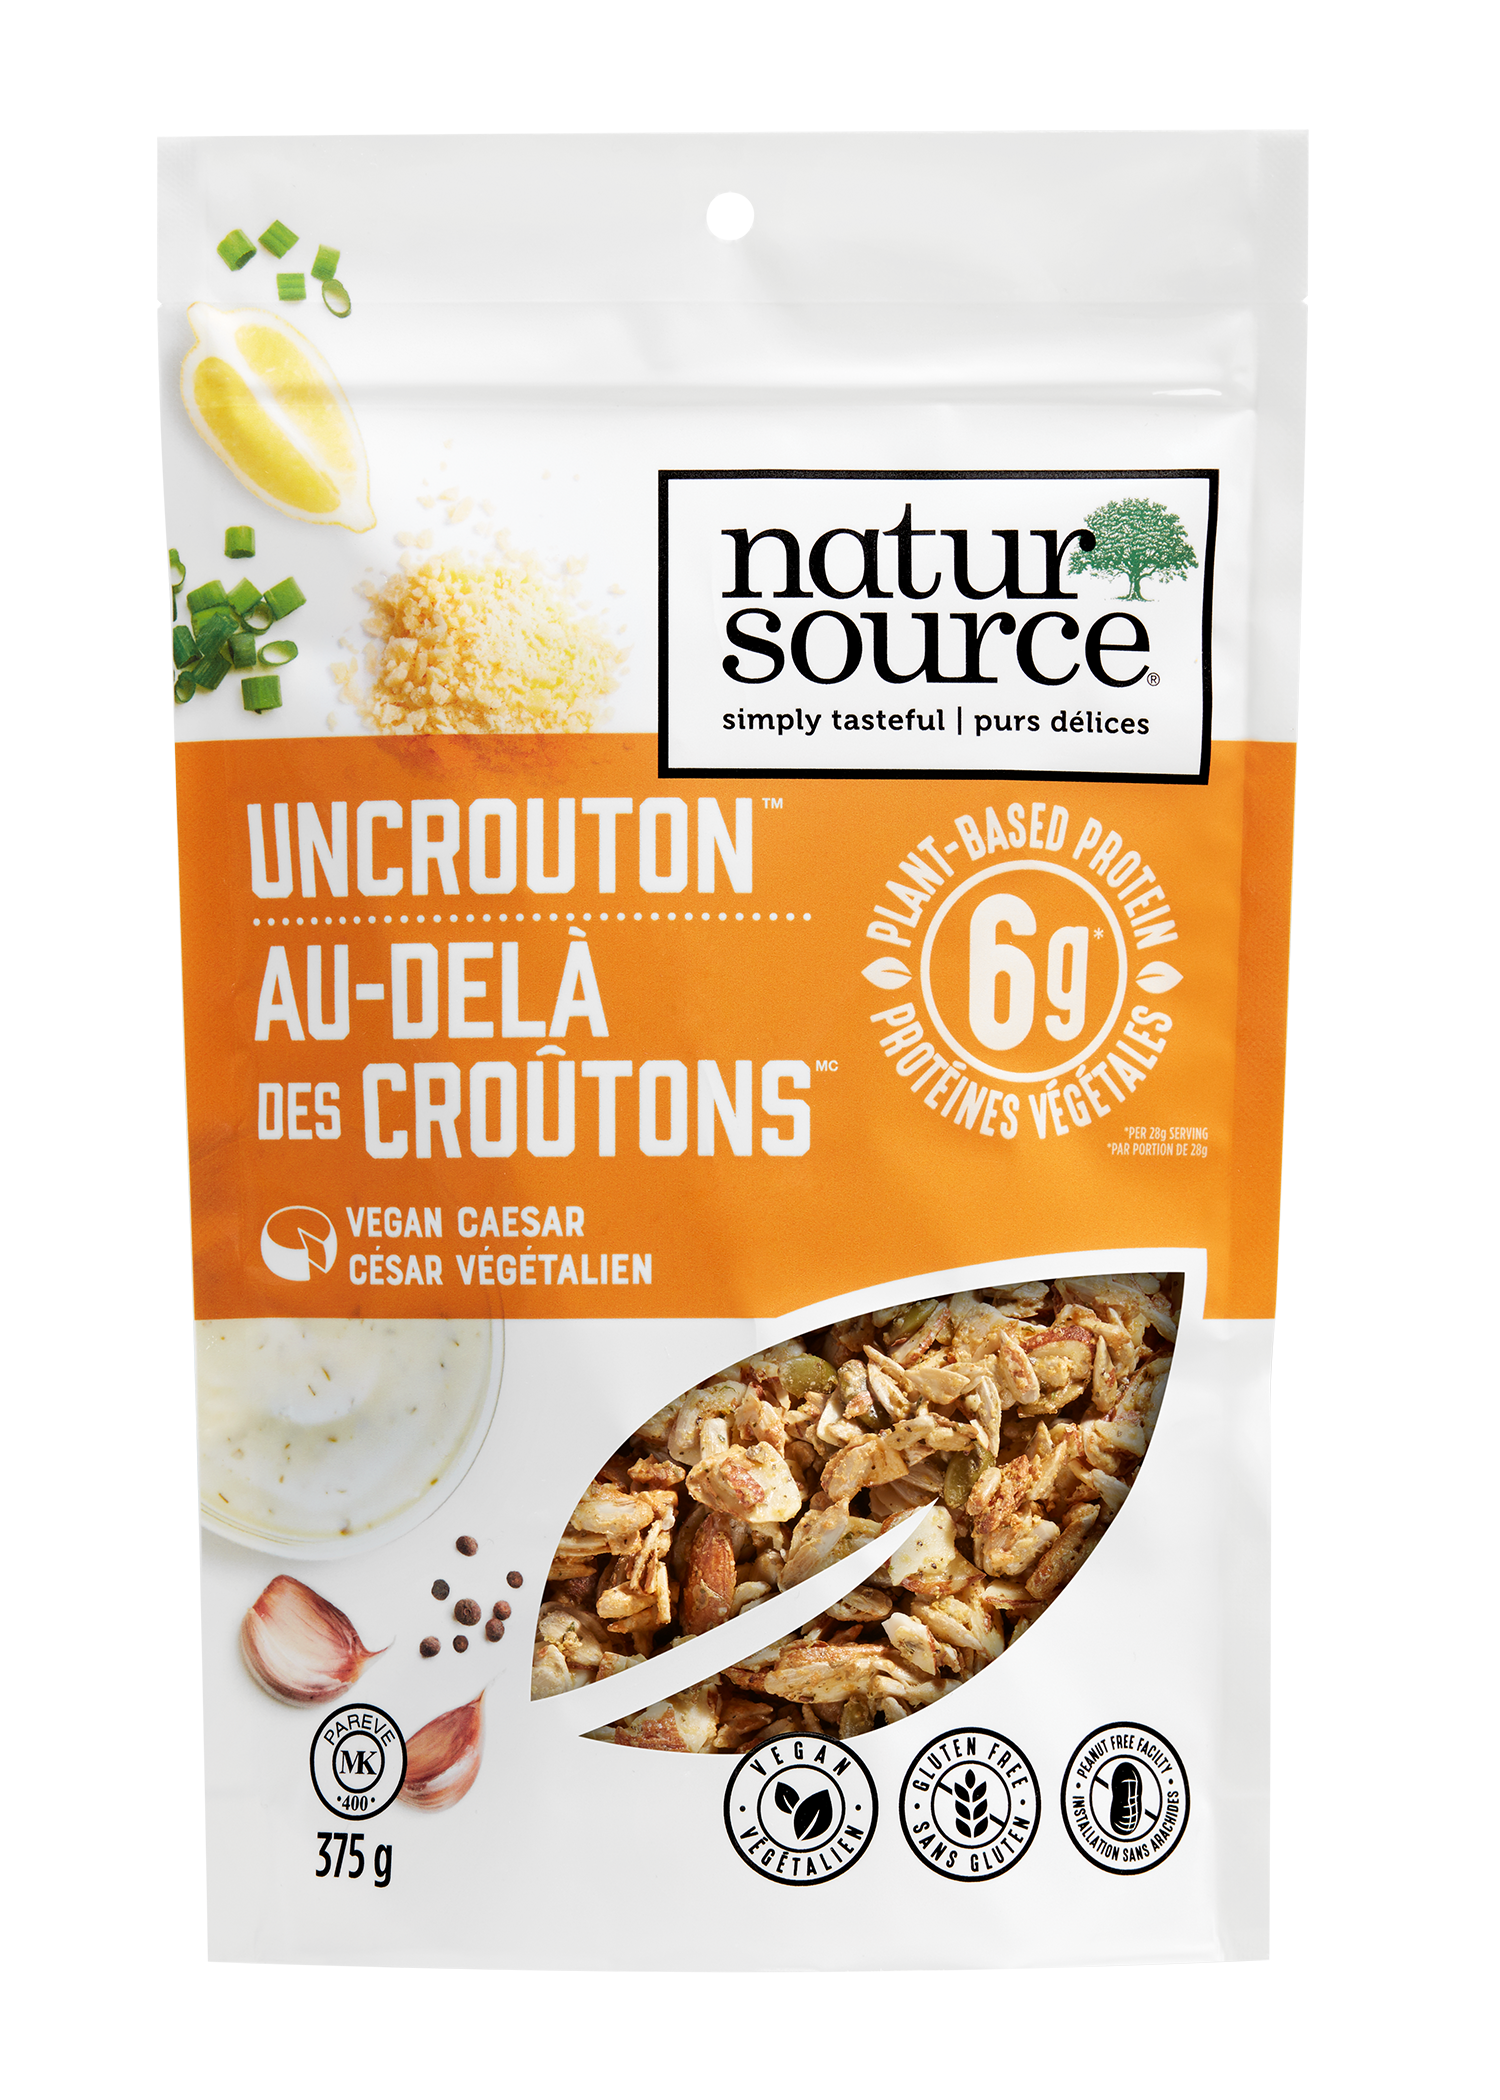 natursource vegan-friendly Vegan Caesar Uncrouton™